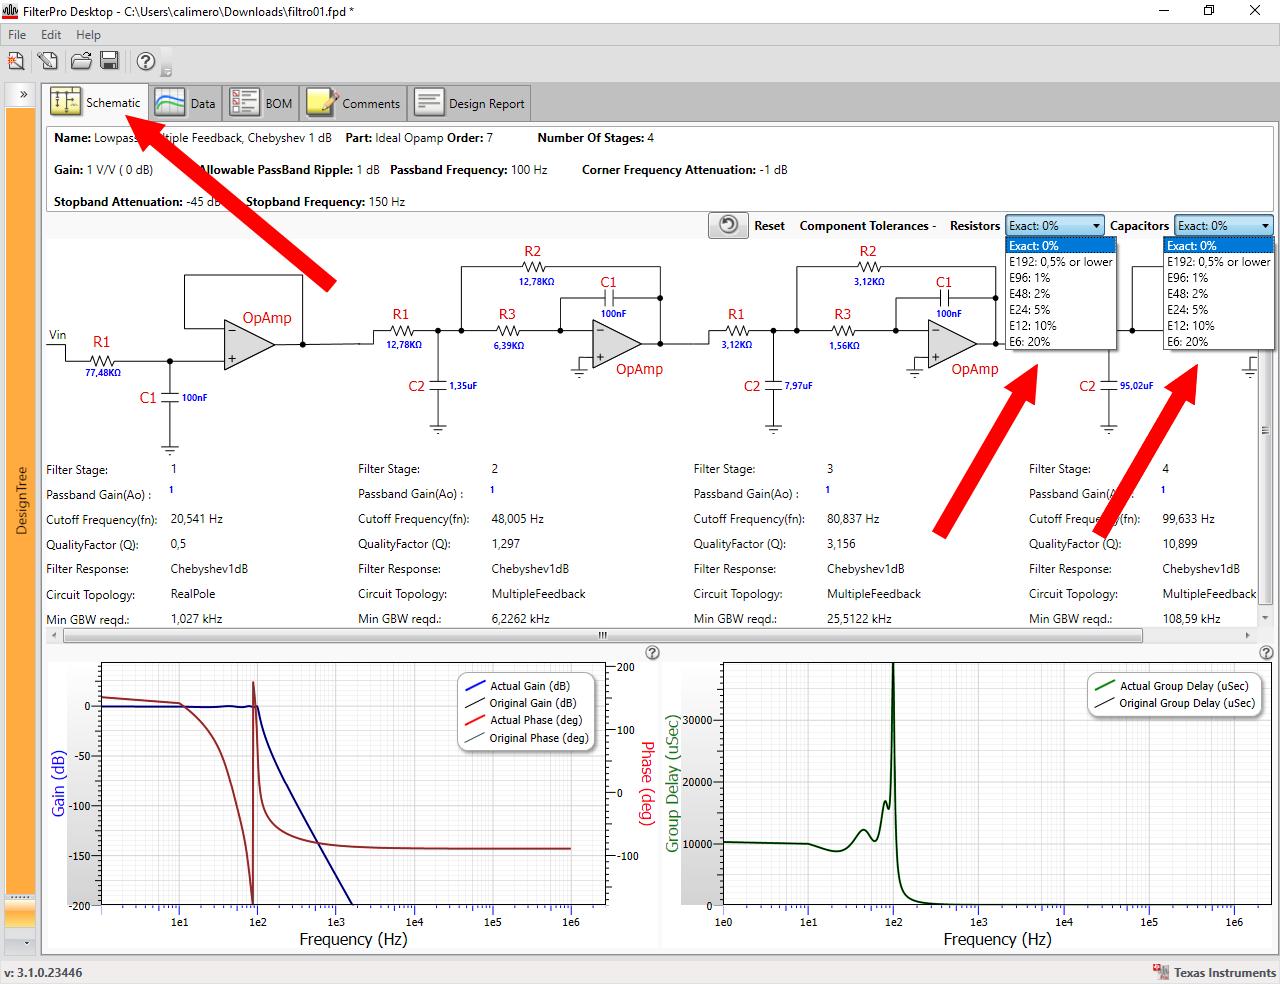 Figura 11: il programma consente di decidere la tolleranza delle resistenze e dei condensatori, in modo da prevedere dei componenti facilmente reperibili in commercio